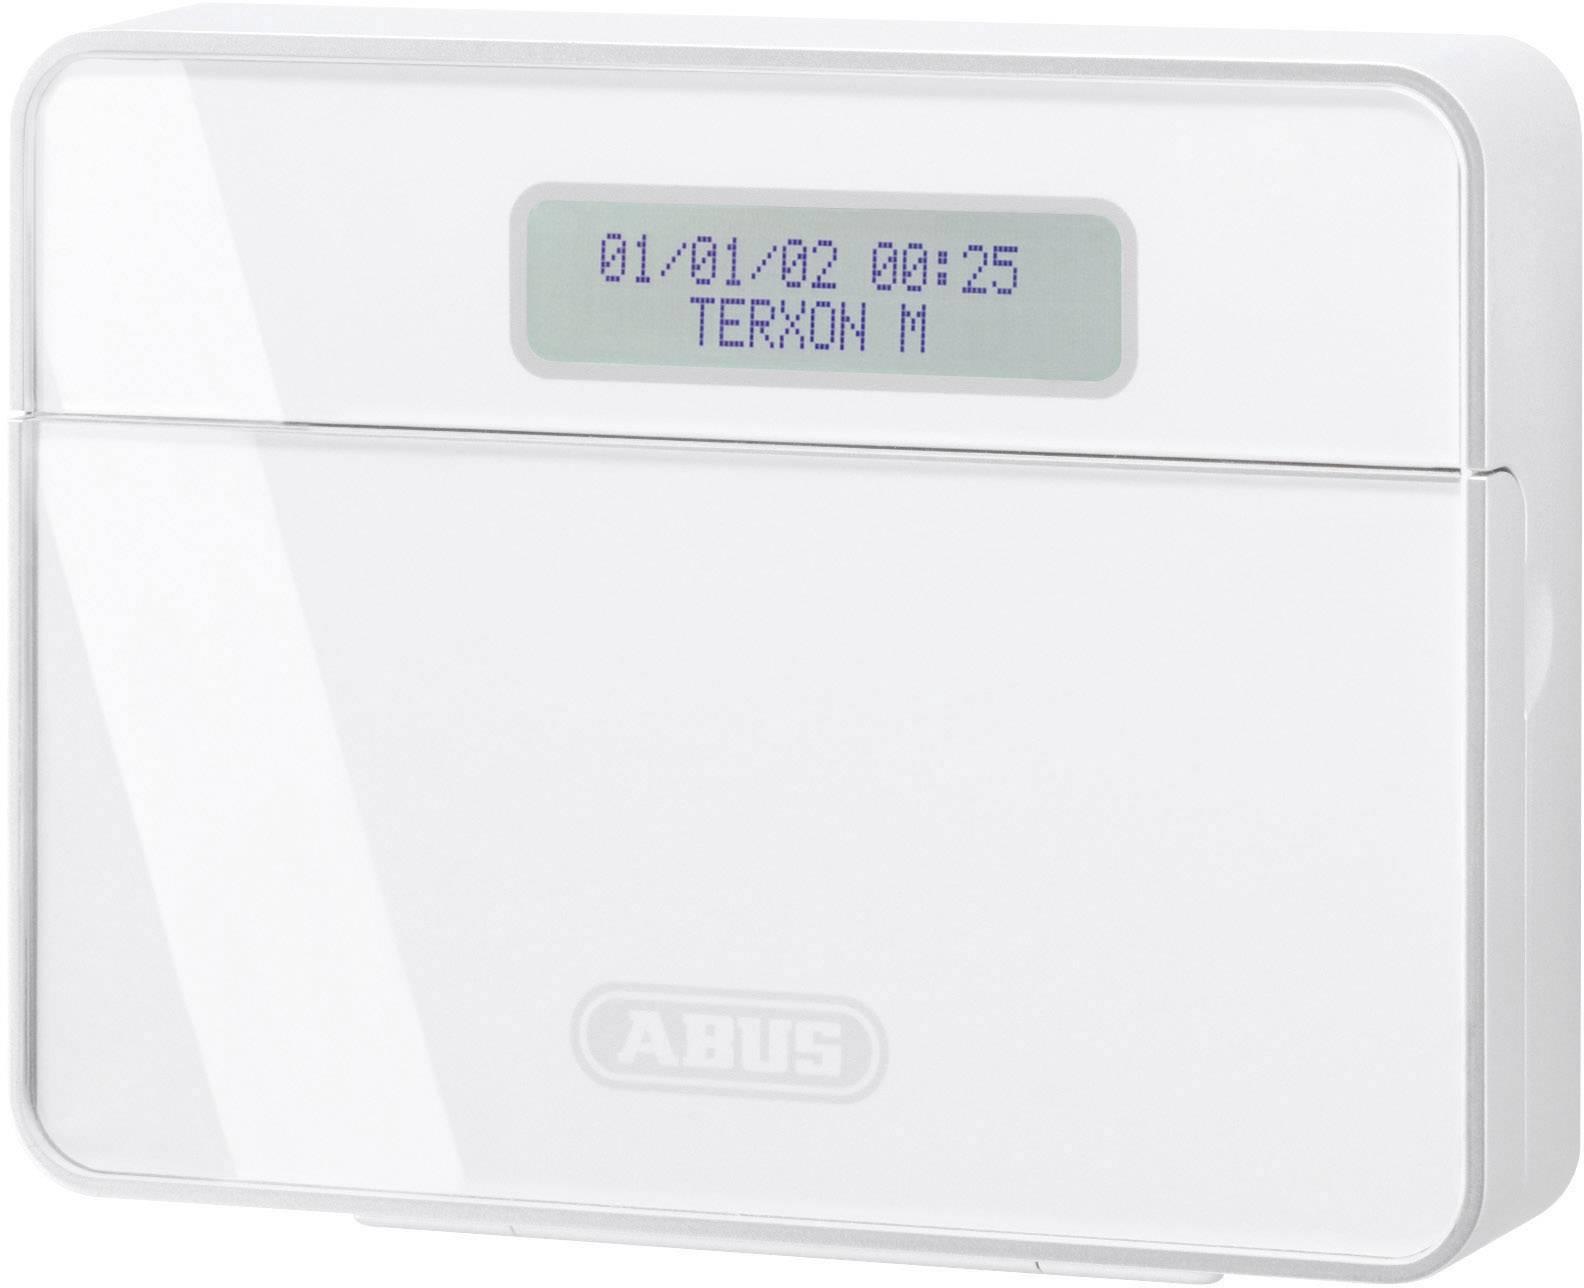 Analogový telefon s LCD displejem ABUS